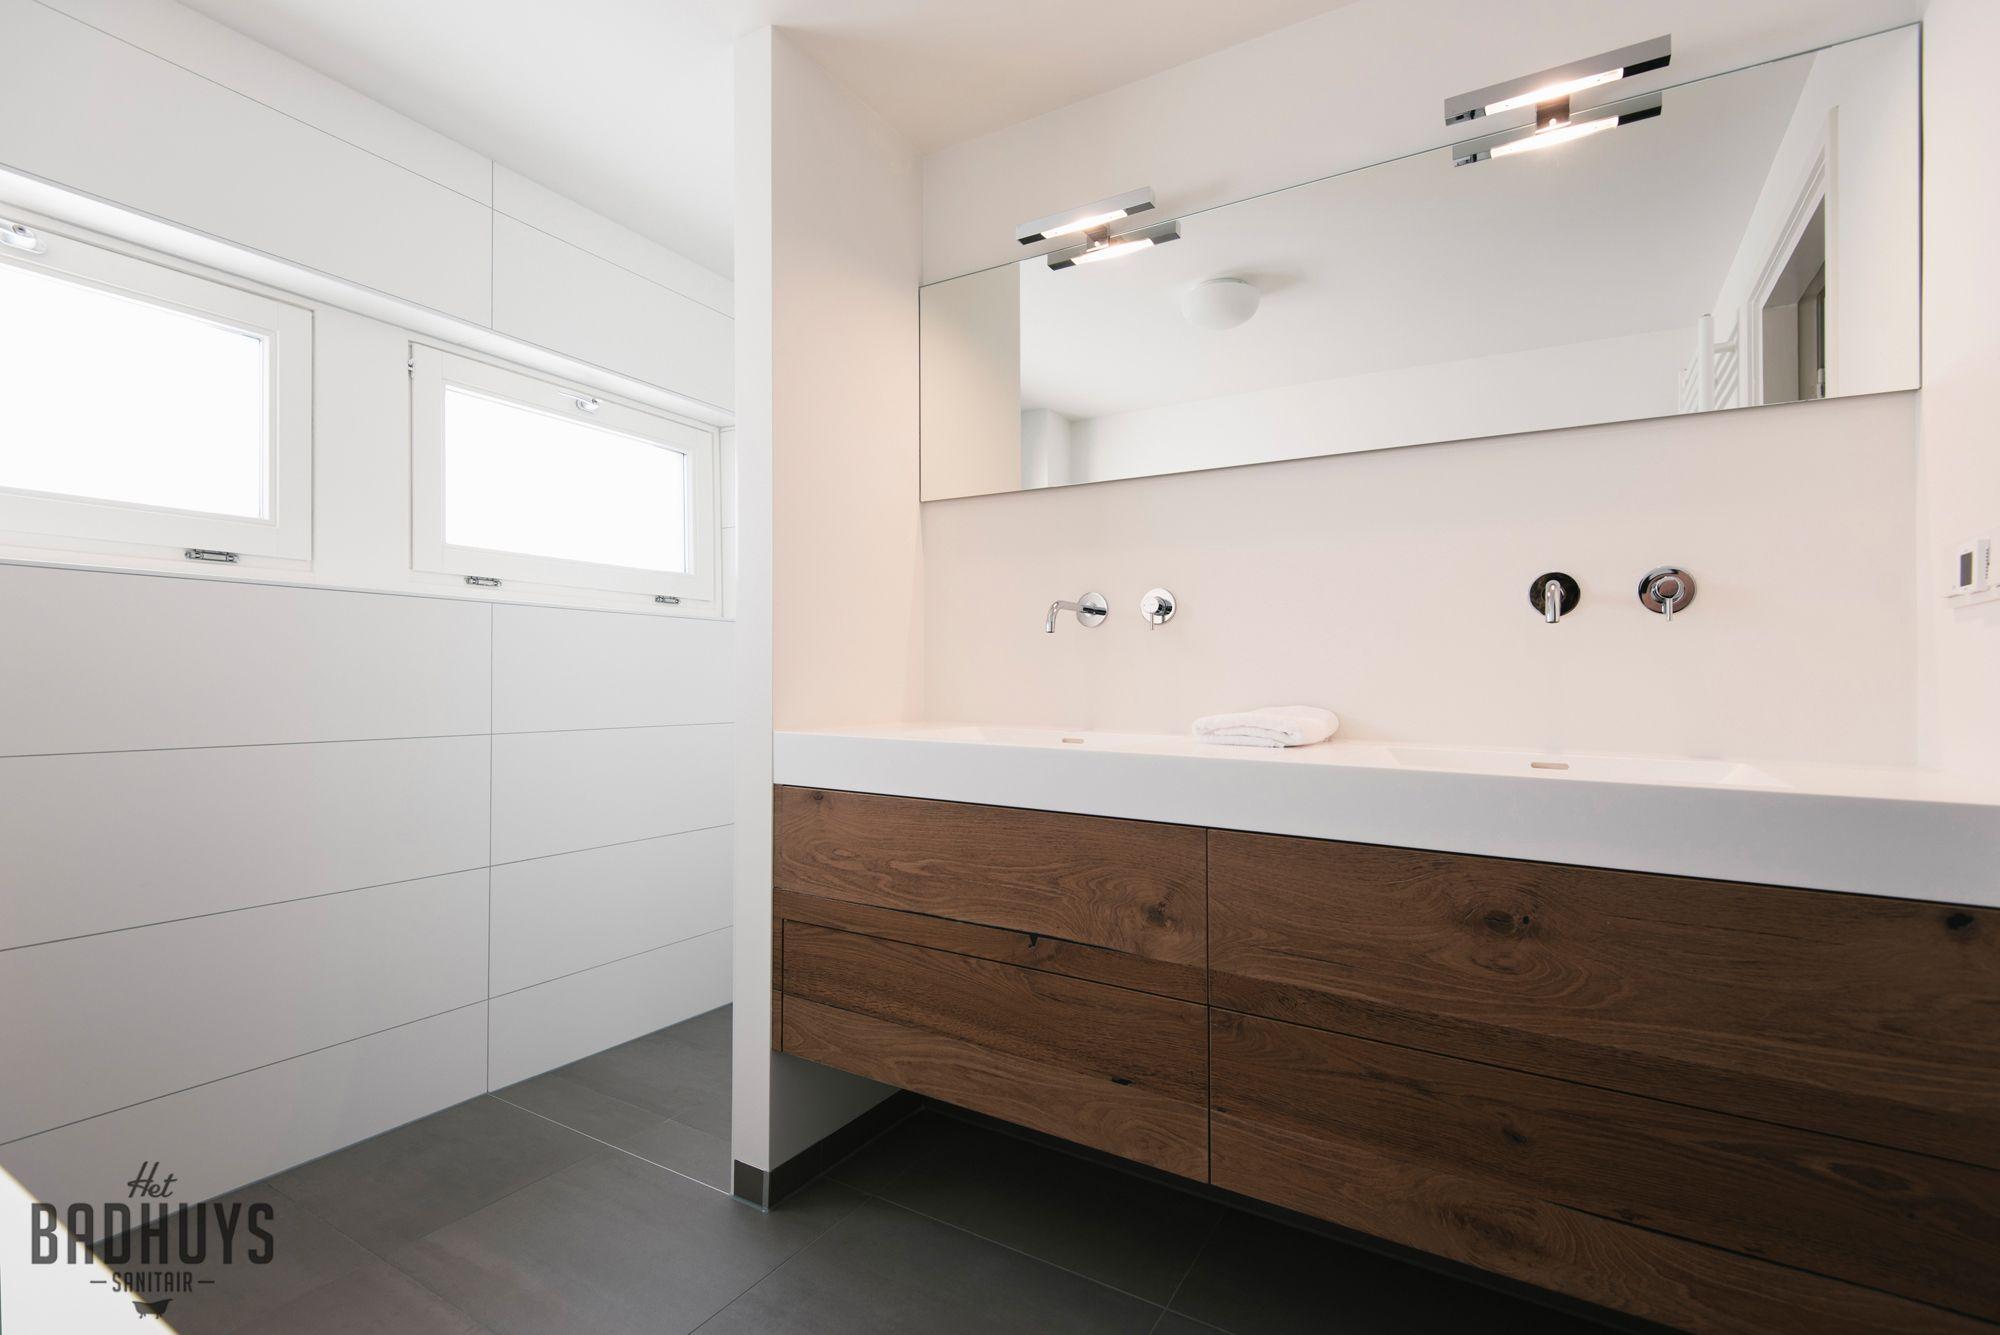 Moderne badkamer met meubel vervaardigd uit corian en robuust hout ...